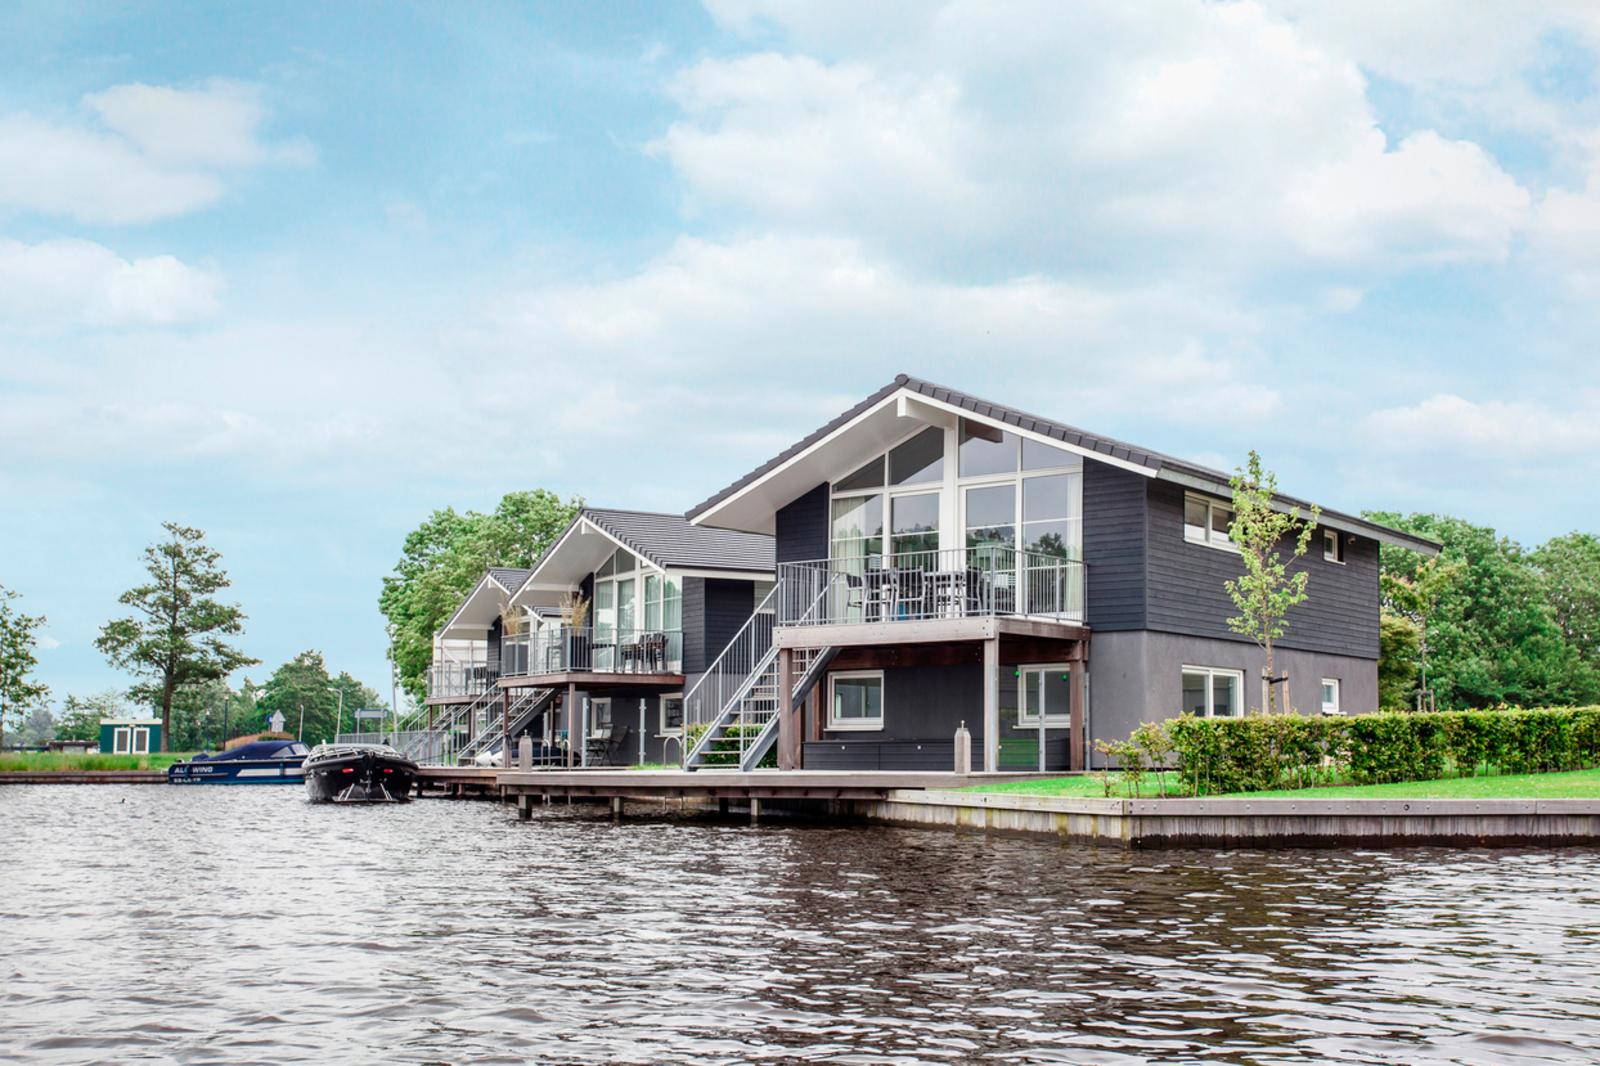 Aanbieding vakantiehuisje Friese meren 🏕️Landal Waterpark Sneekermeer